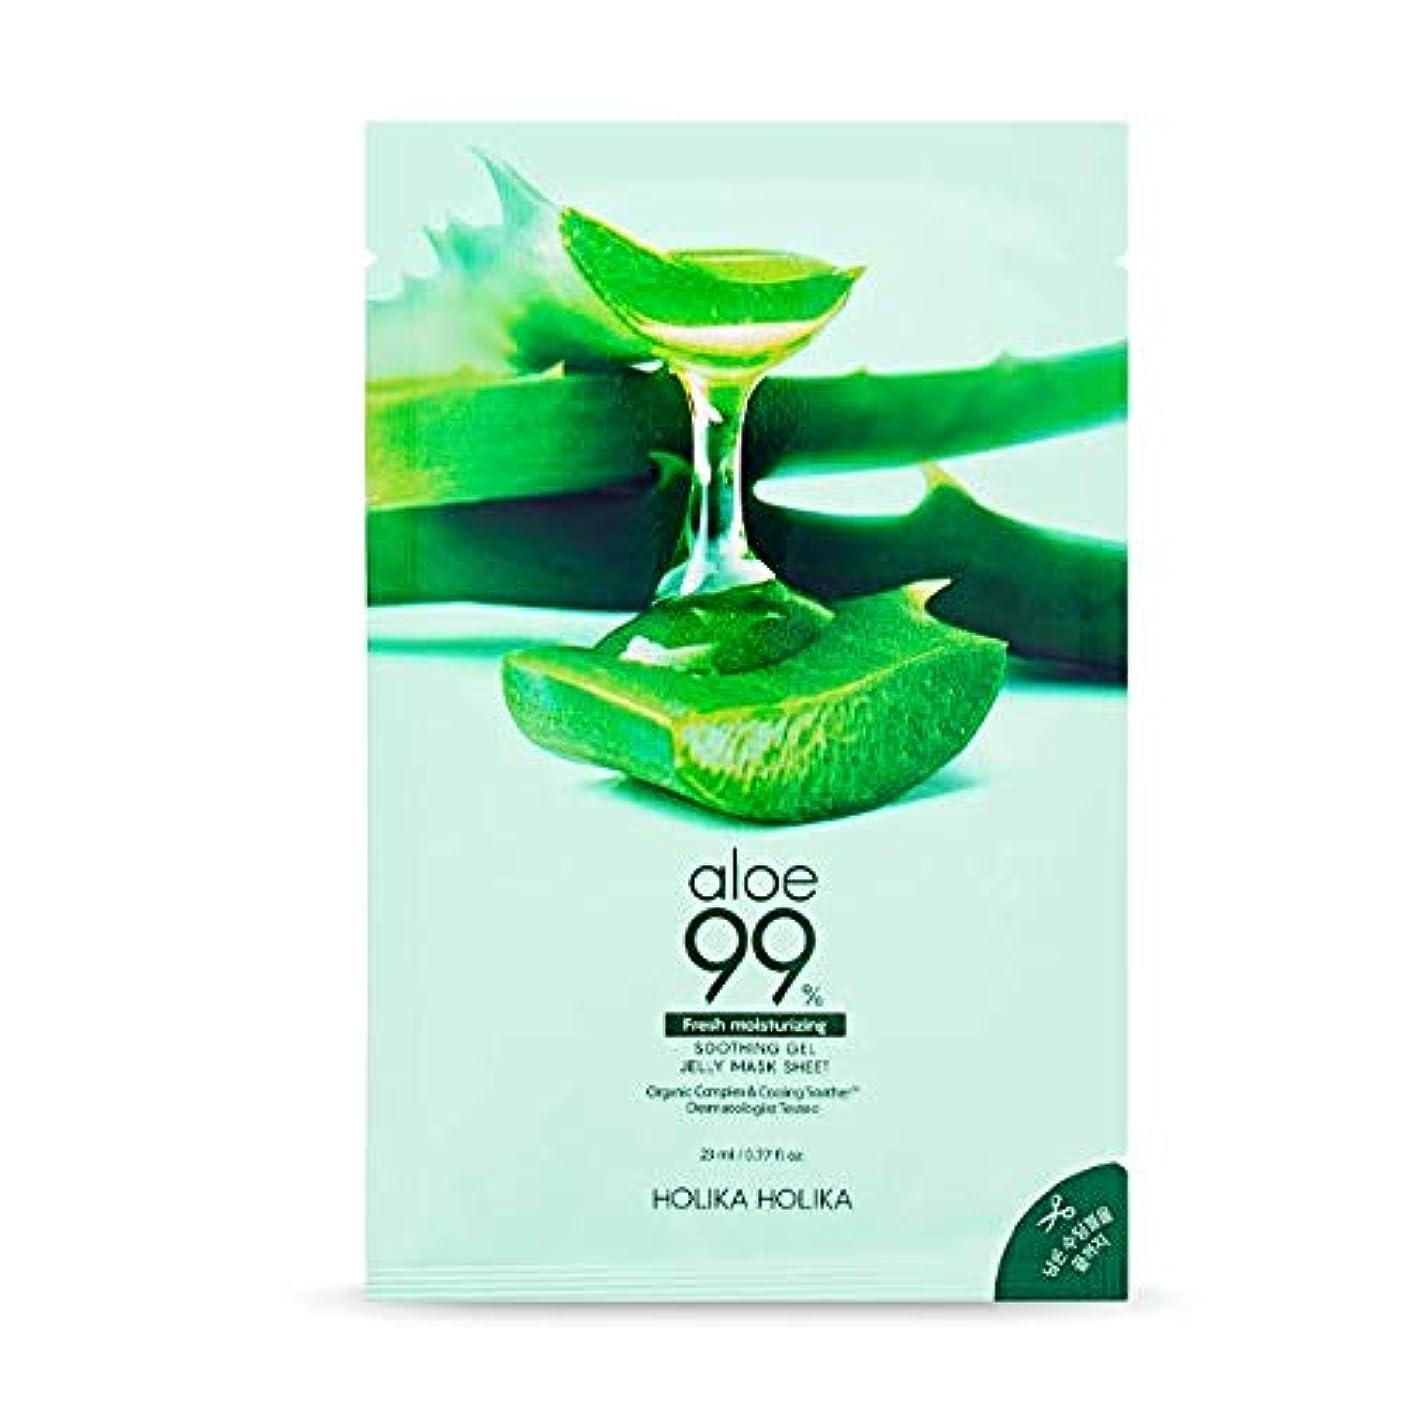 保全ベル校長[Holika Holika] Aloe 99% Soothing Gel Jelly Mask Sheet (23ml × 10 Sheets)/[ホリカホリカ] アロエ 99% スージングジェル ゼリー マスク シート...